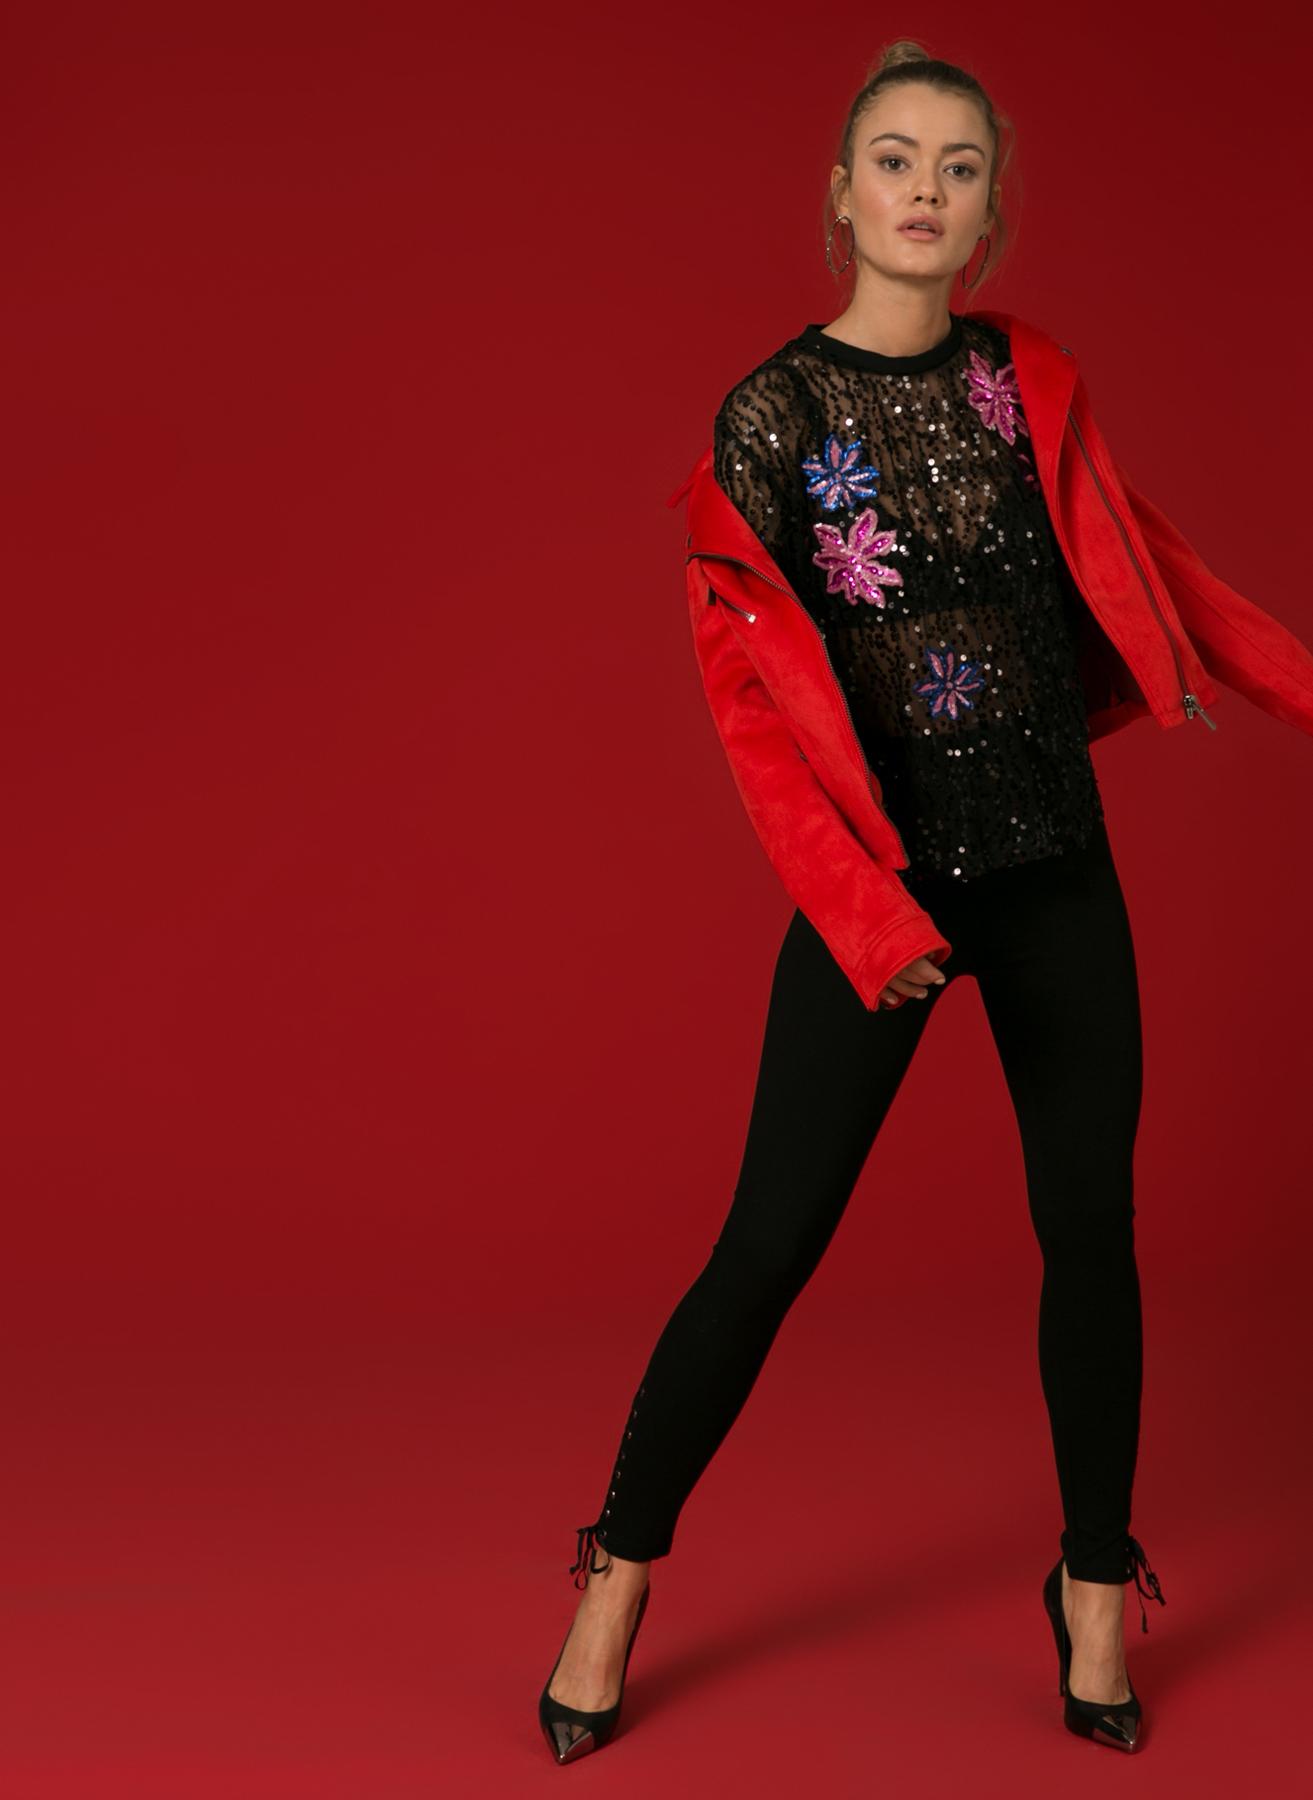 İpekyol Kuş Gözlü Skinny Siyah Pantolon 36 5002301091002 Ürün Resmi